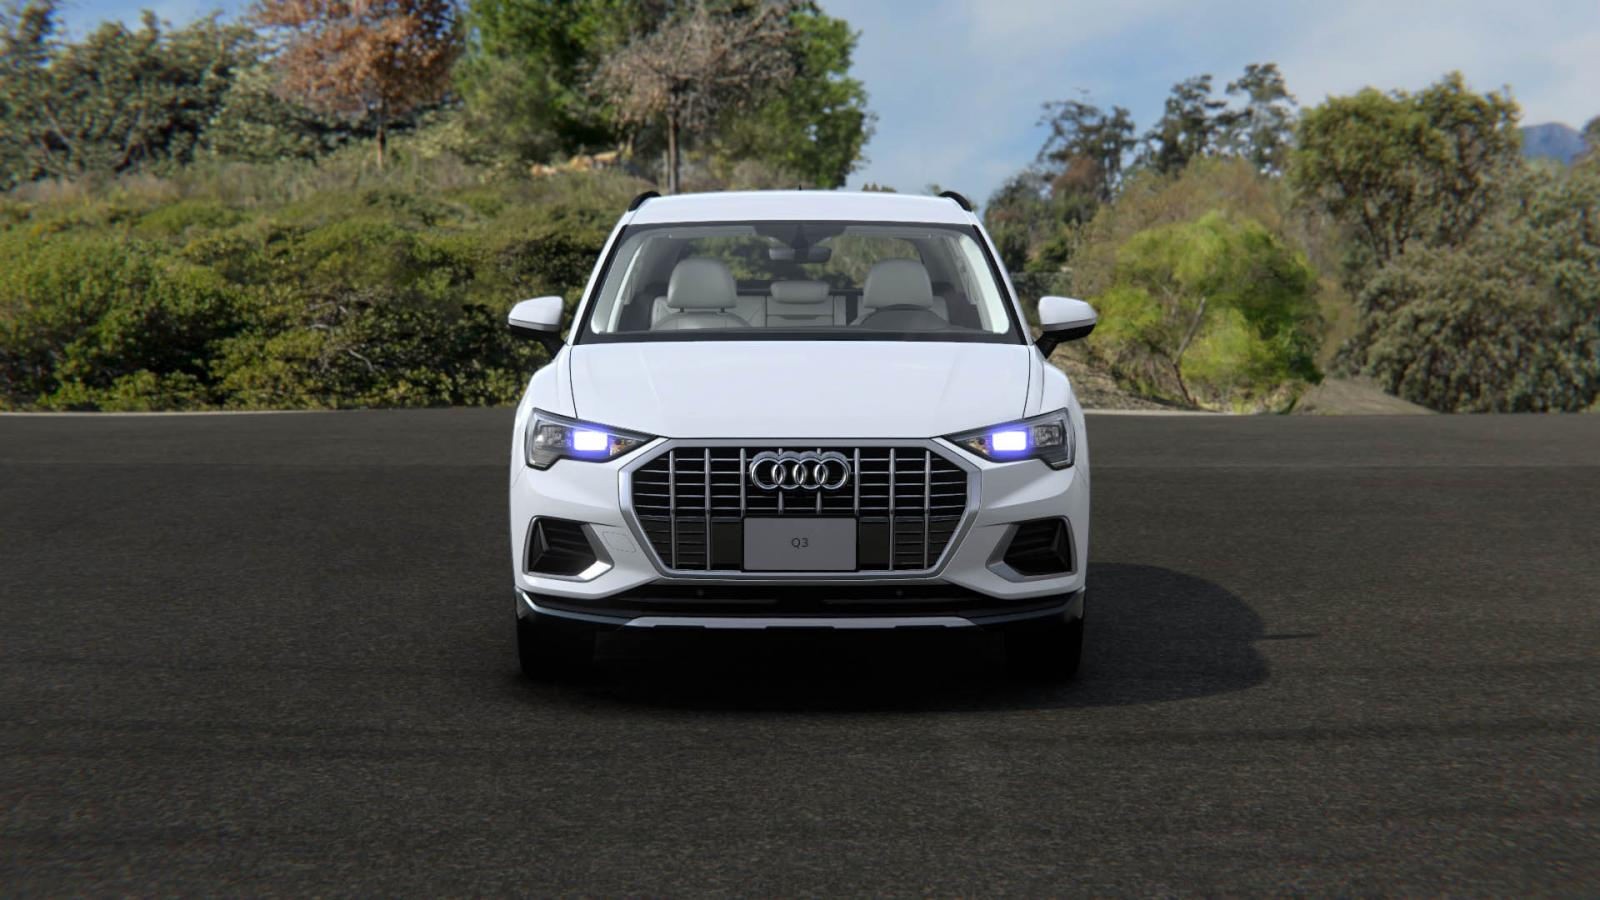 La Audi Q3 precio mexico tiene un diseño atractivo